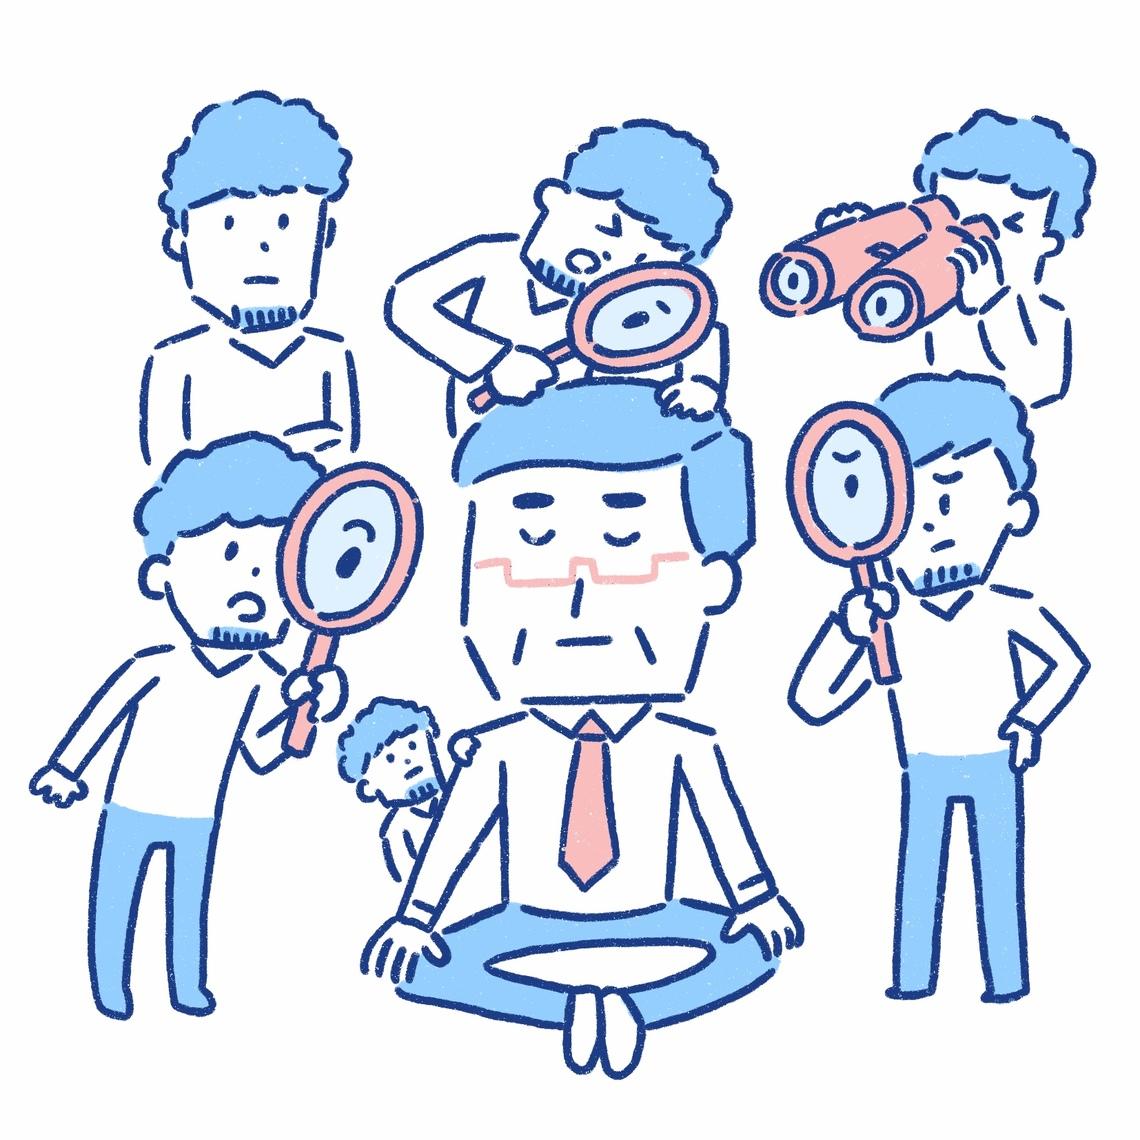 「合わない上司」は、なぜ会社から評価されているのか